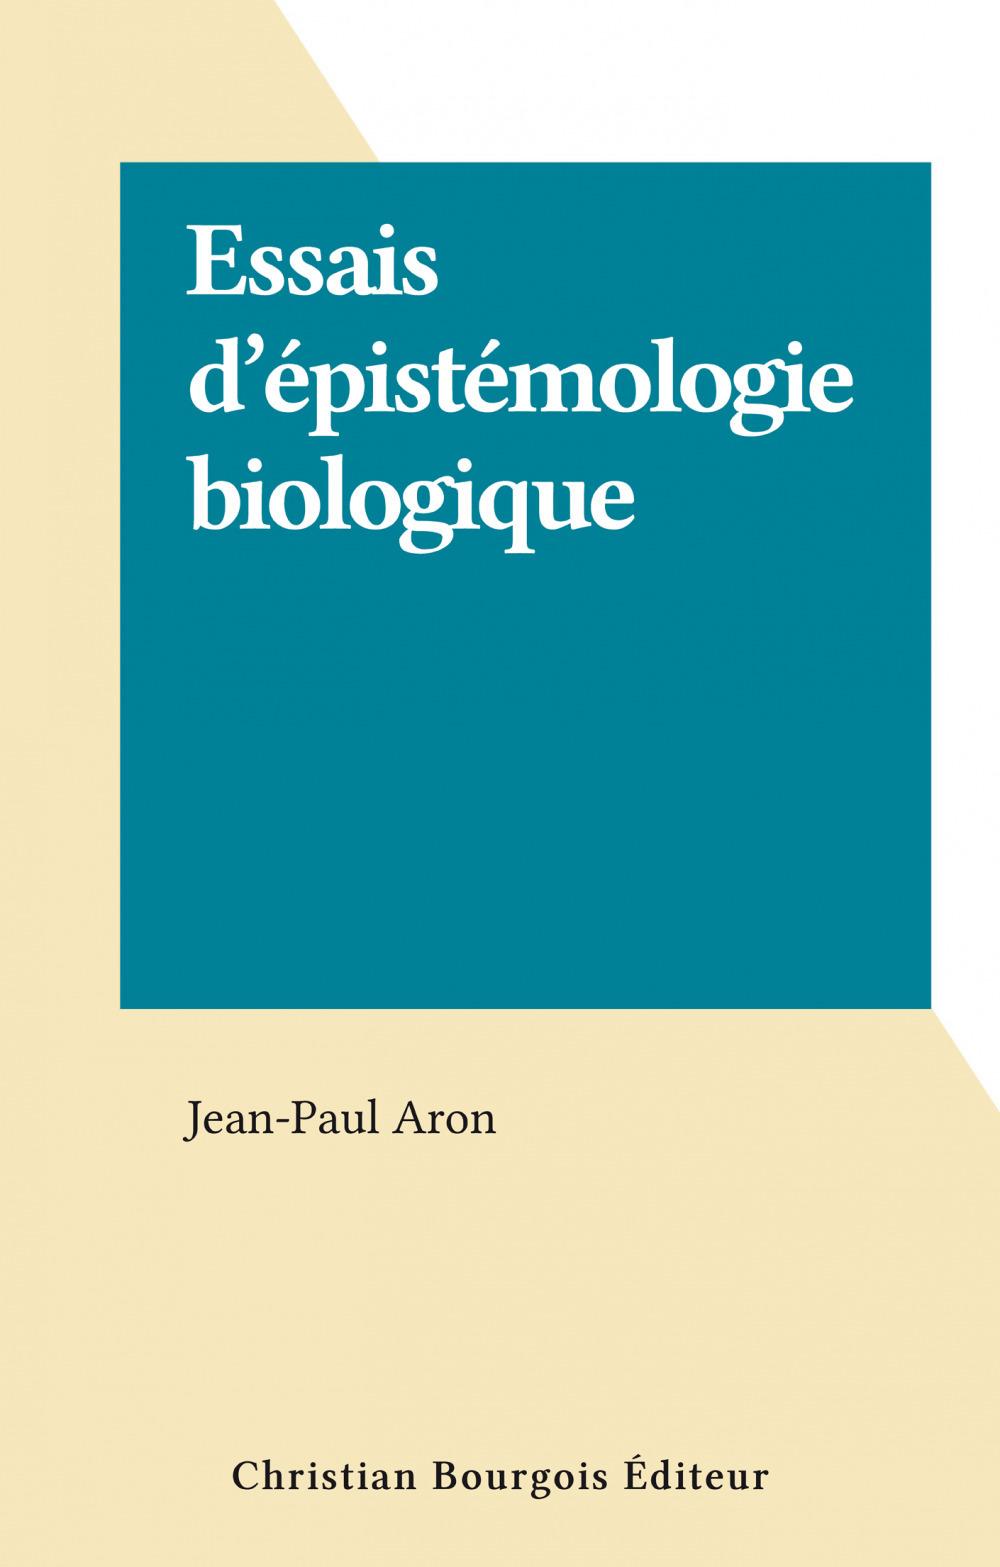 Essais d'épistémologie biologique